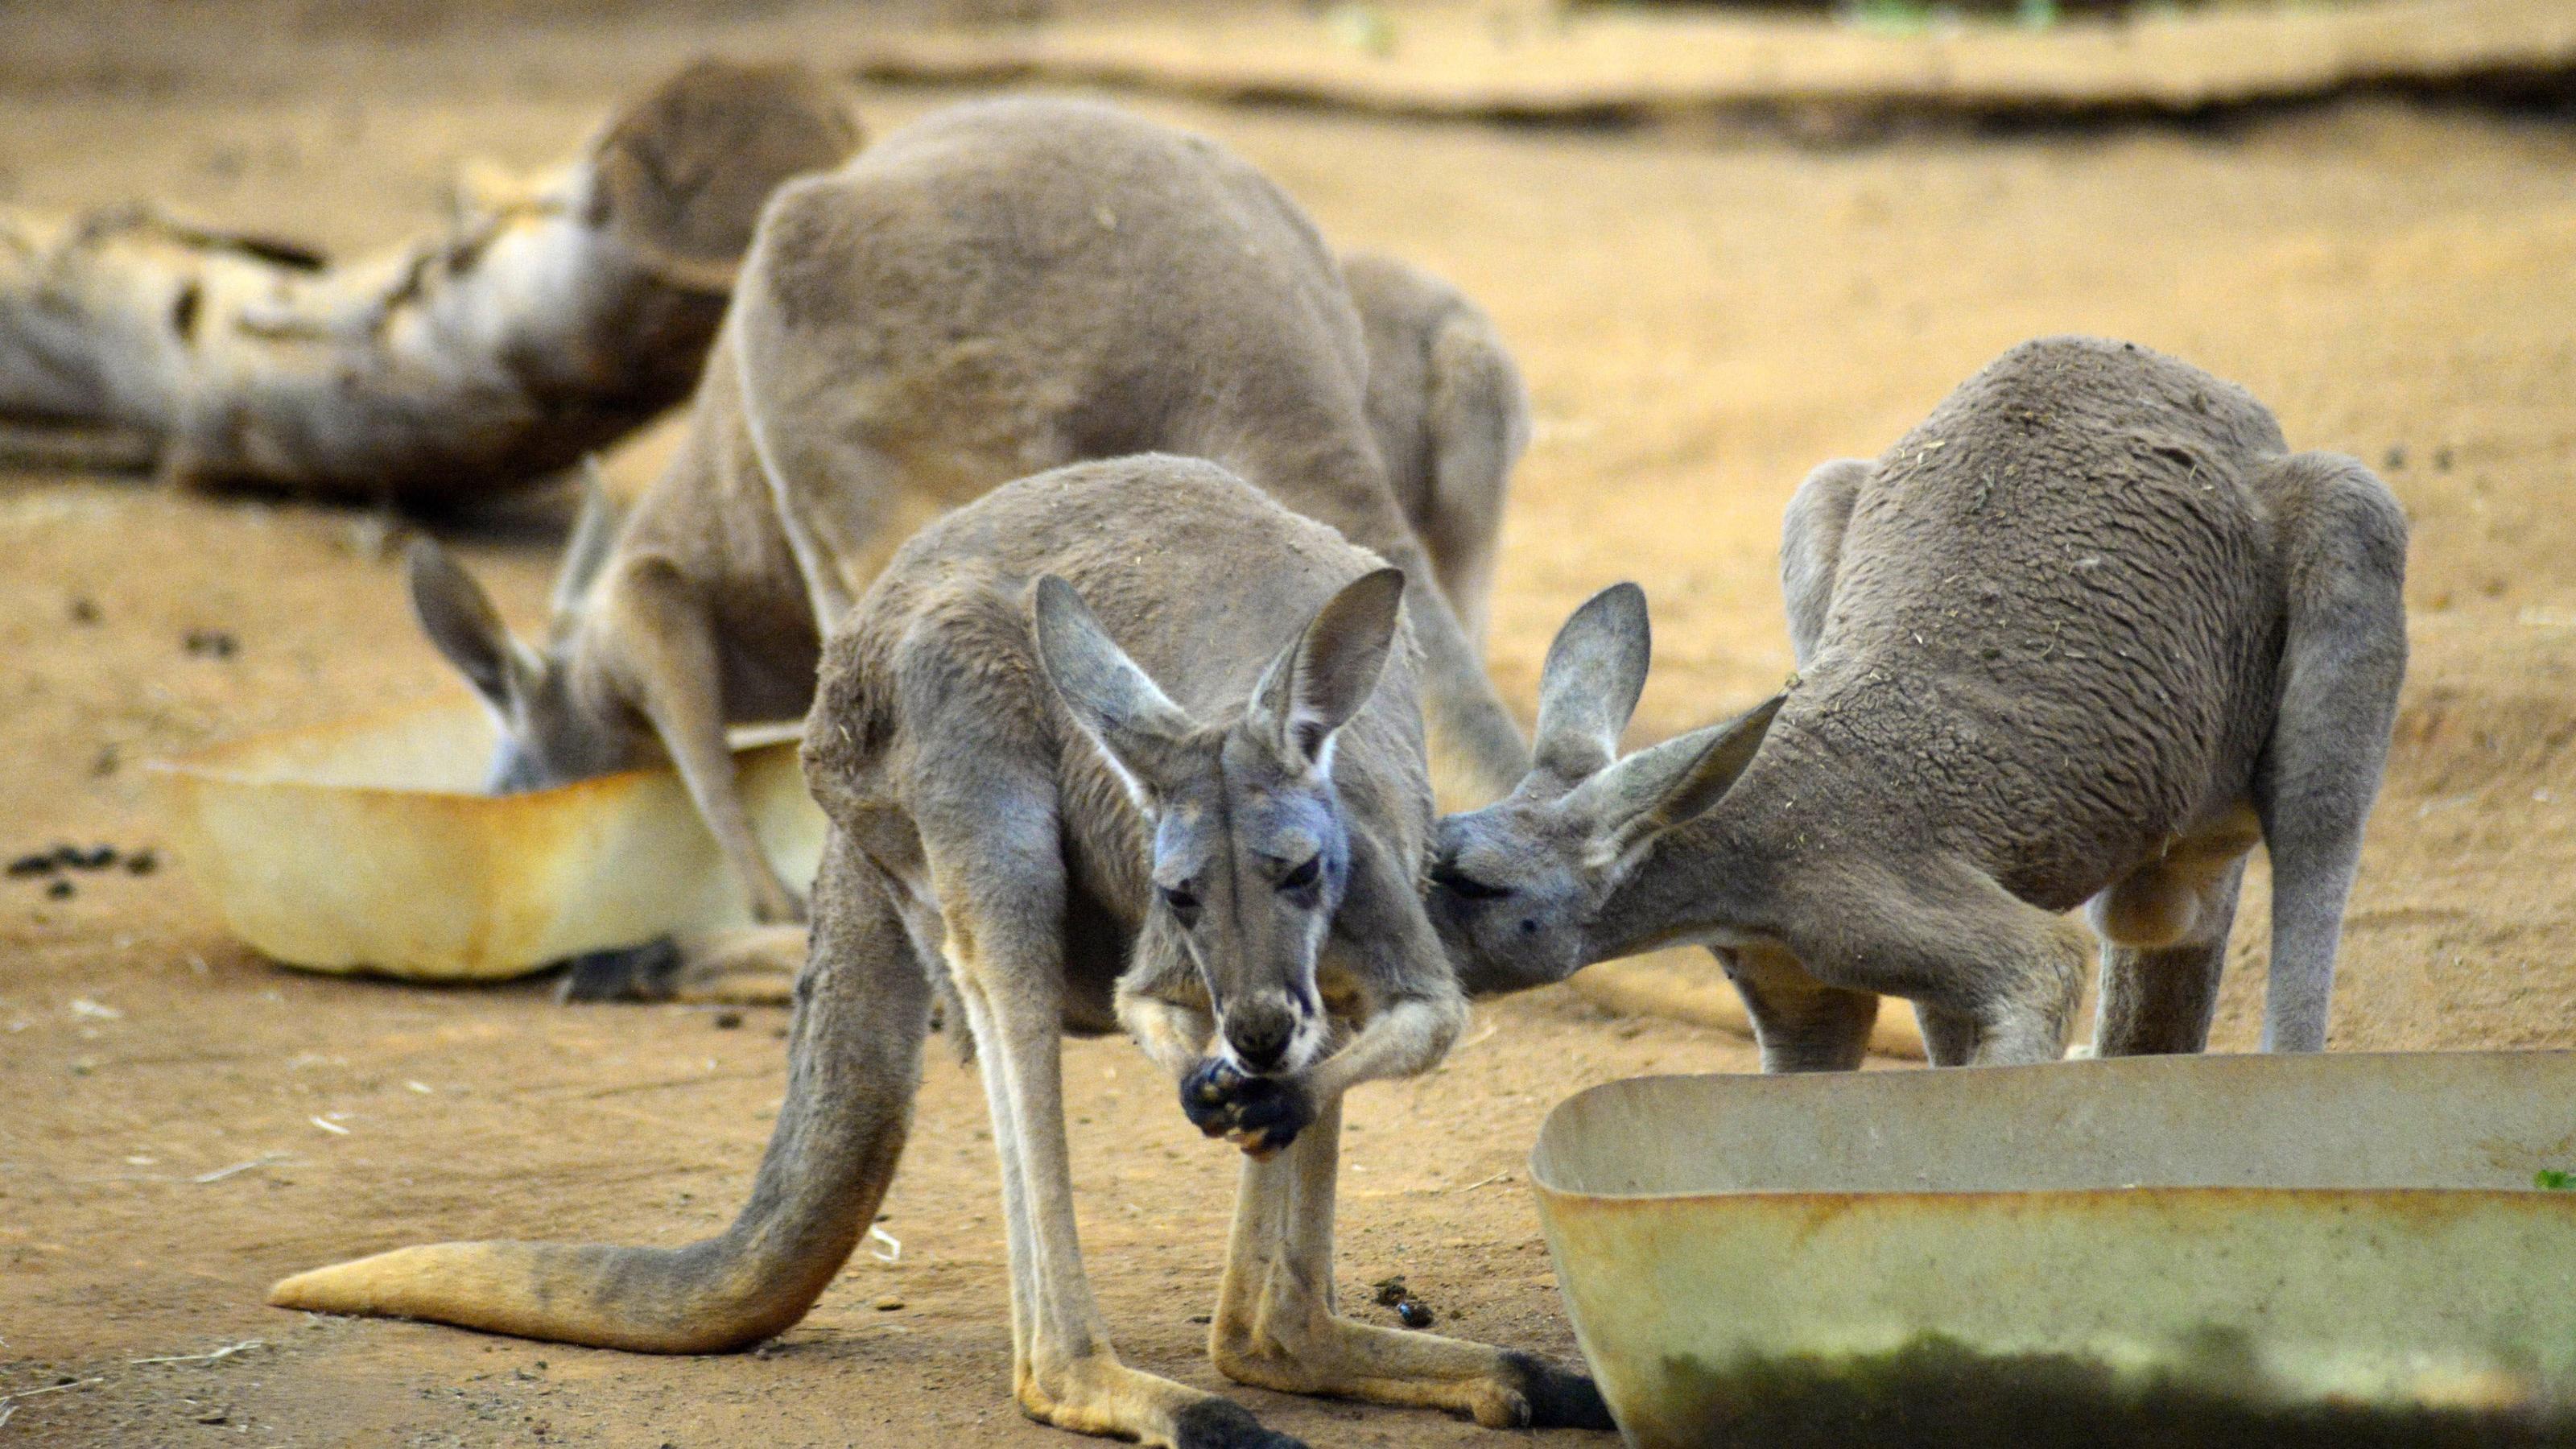 Besucher eines chinesischen Zoos töten Känguru durch Steinwürfe